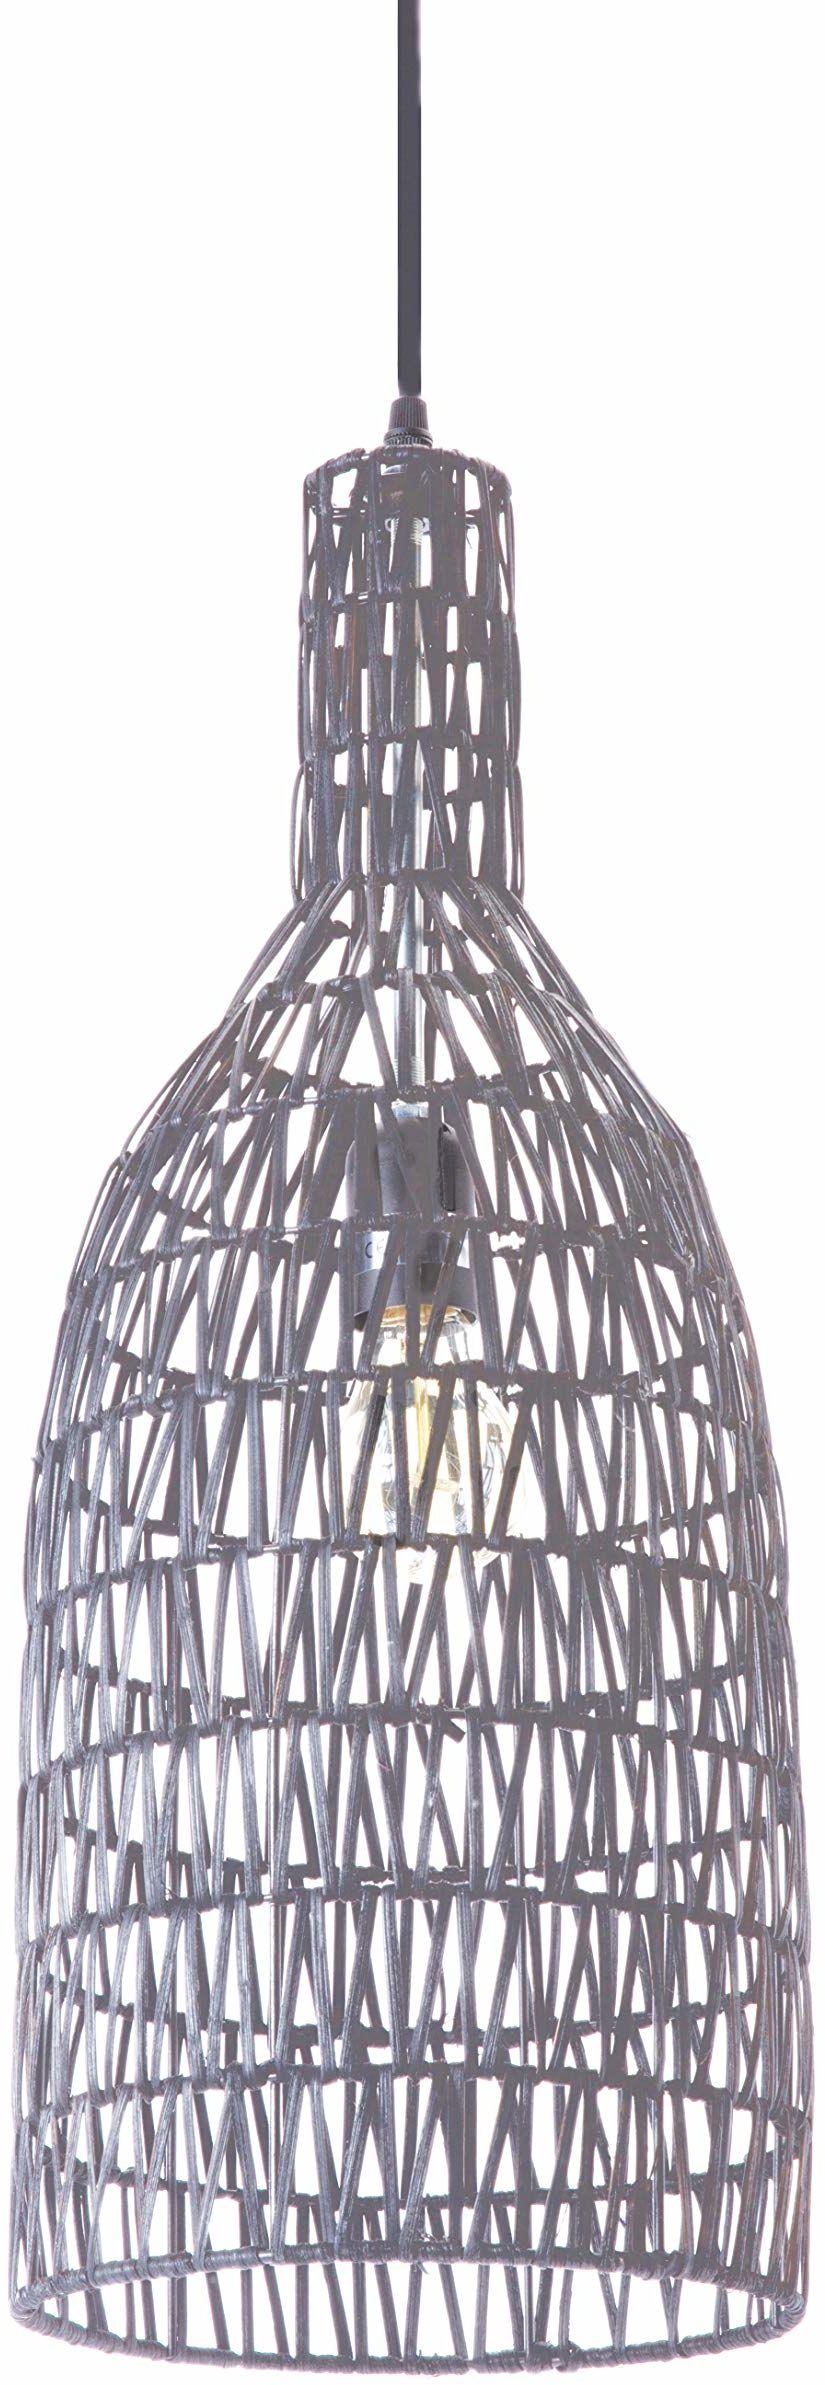 Lussiol 250268 lampa wisząca, rattan, 60 W, szara, ø 22 x wys. 60 cm